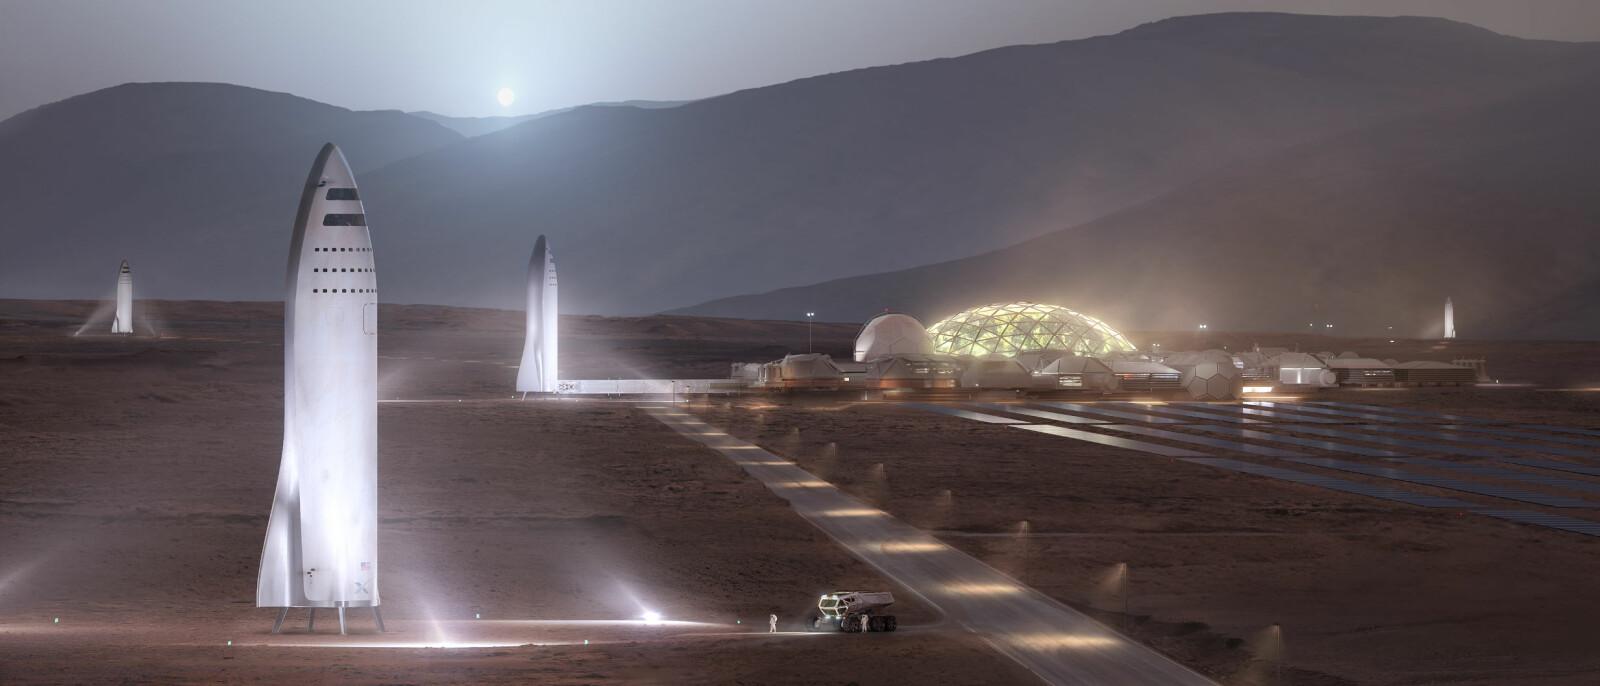 <b>MARS-KOLONI:</b> Petranek tror 50.000 mennesker kan komme til å bo på Mars i 2050. Slik forestiller SpaceX seg at en begynnende koloni kan se ut.